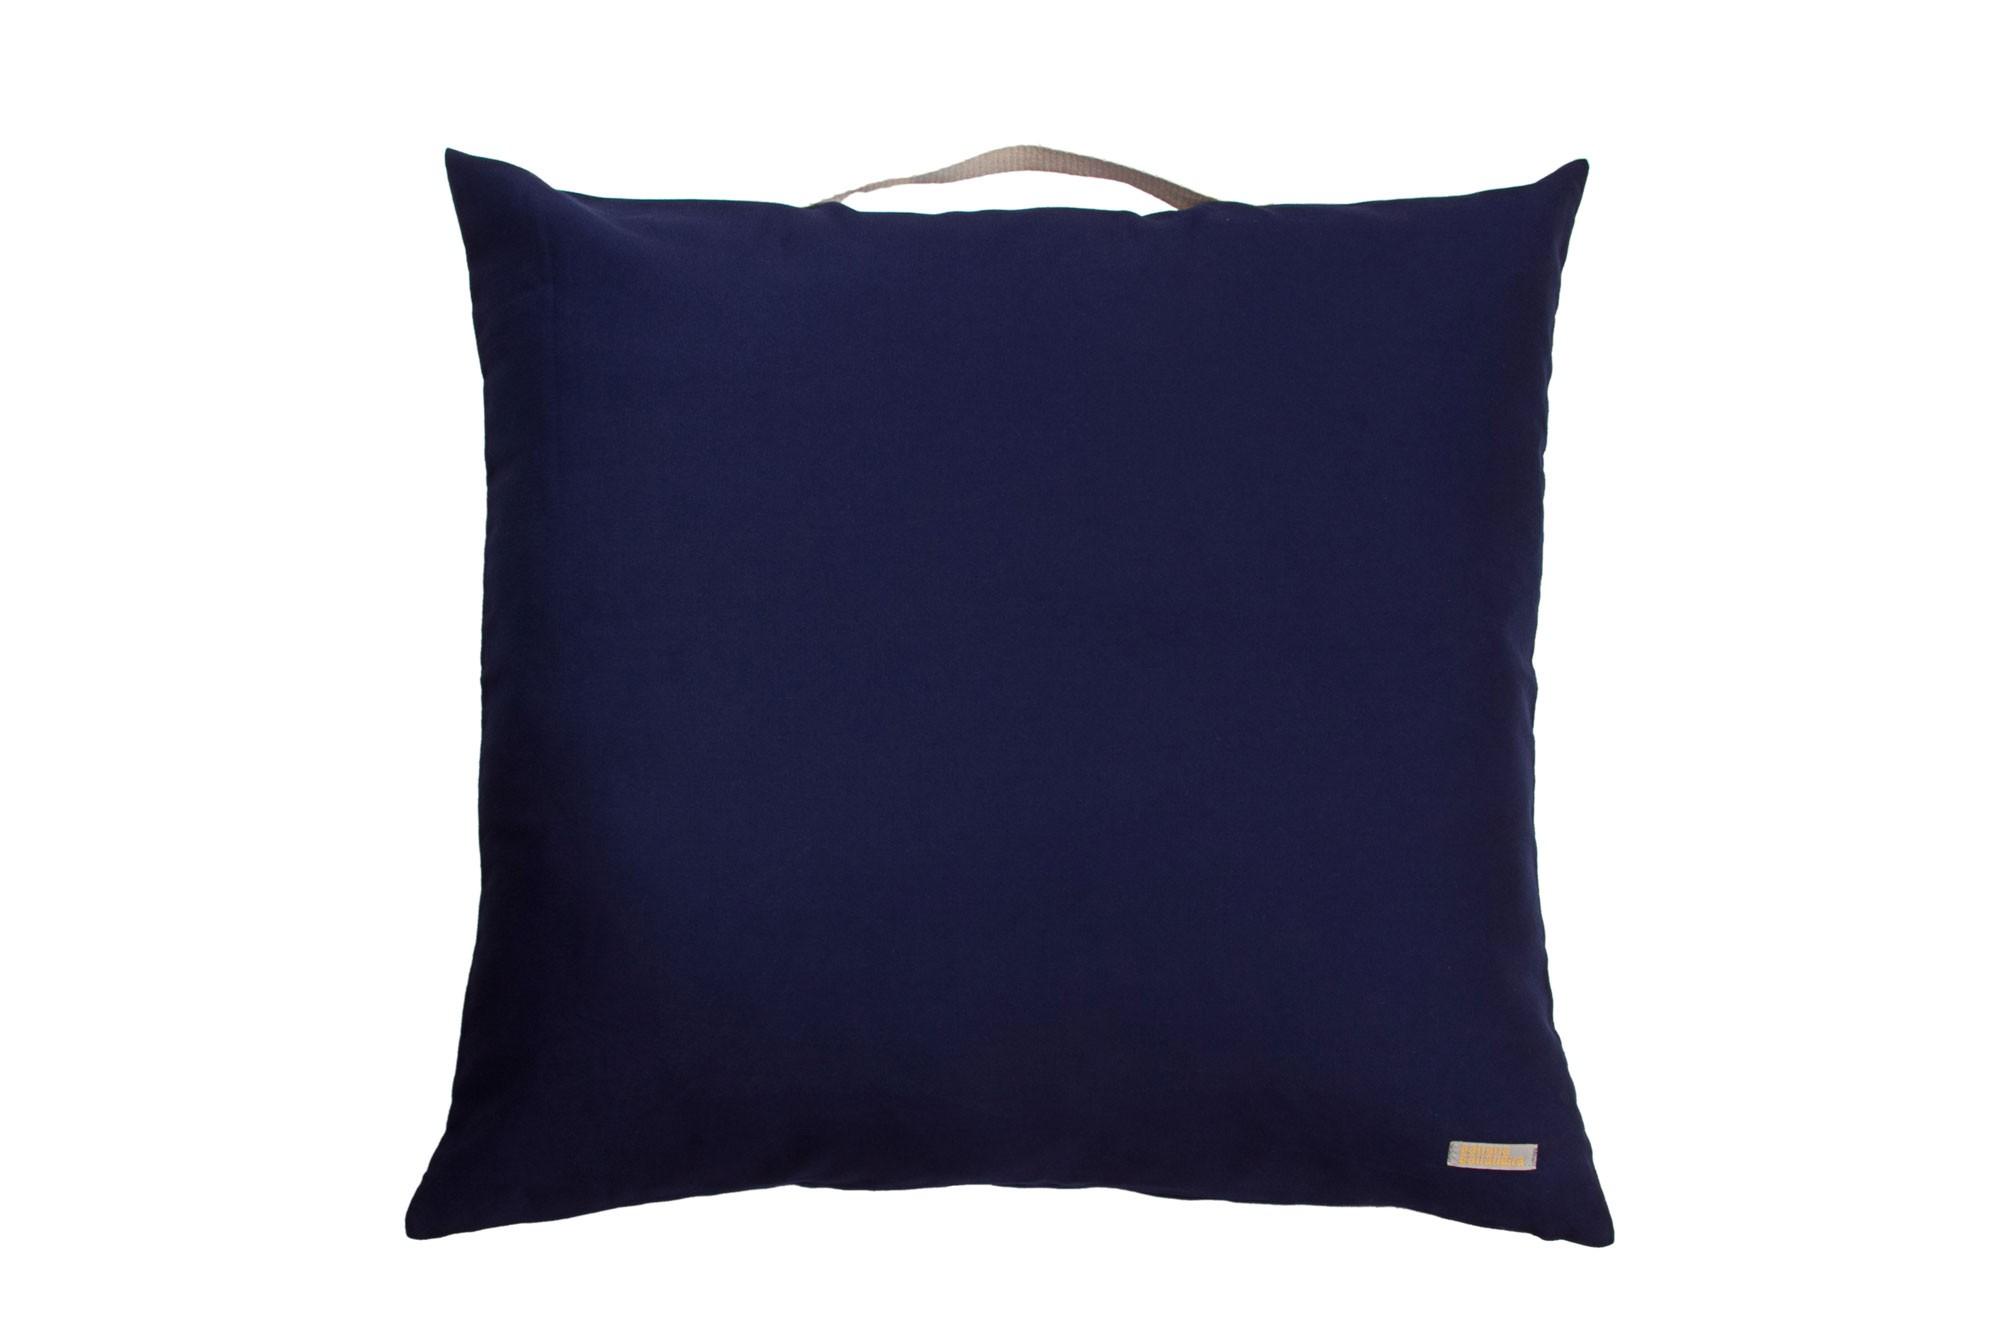 Almofadão pufe azul marinho